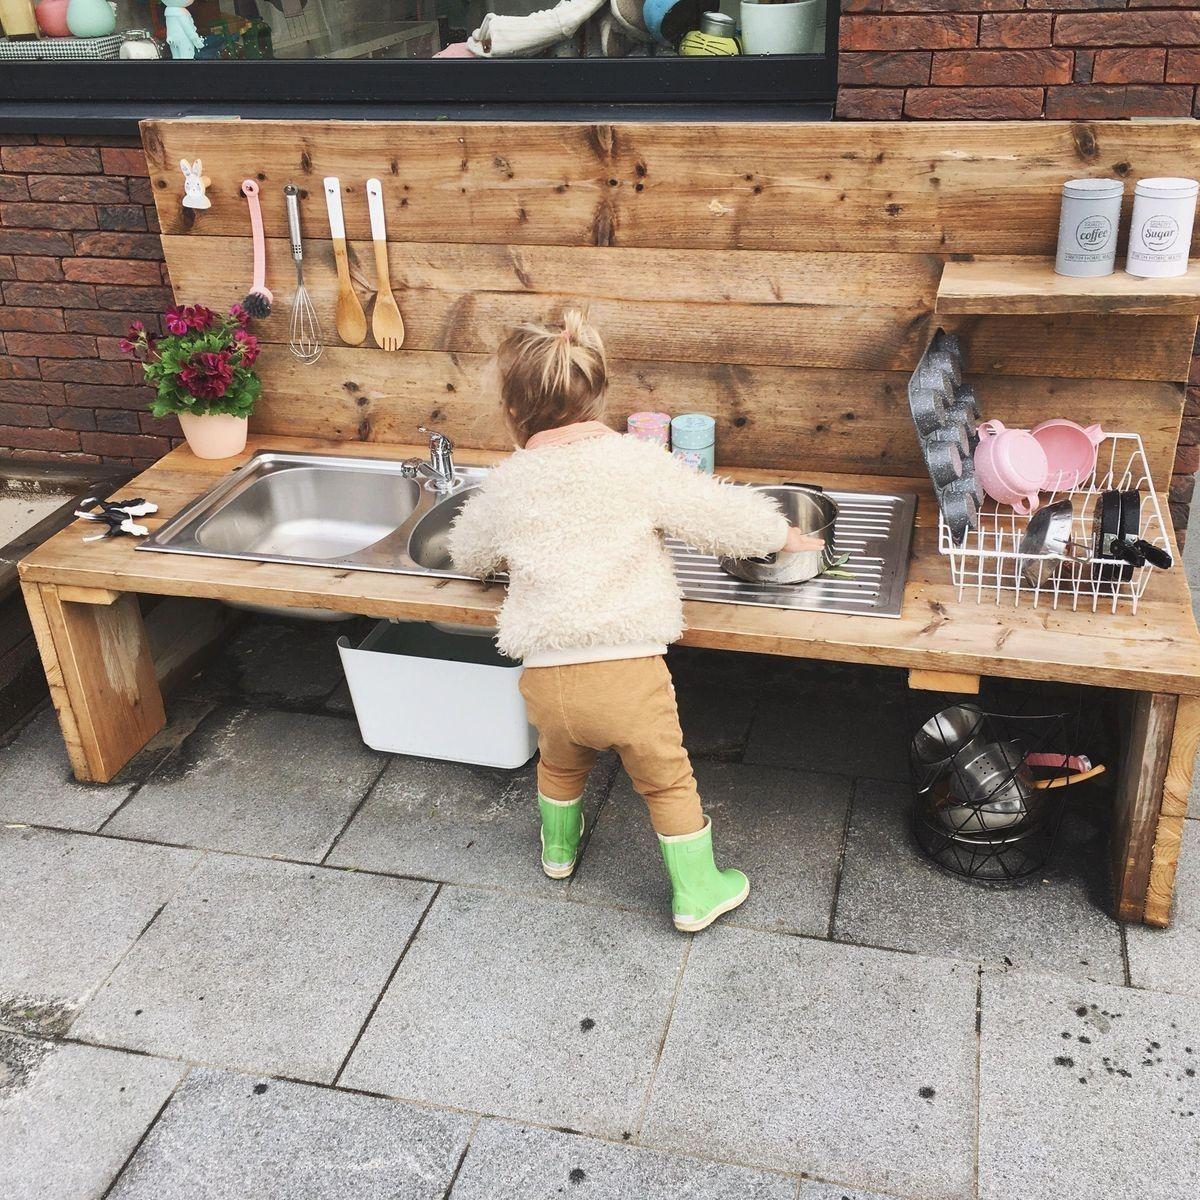 Every Kid Playrooms Super Susse Kinderkuche Super Susse Kinderkuche Gardenidea25 Istm Informations Kuche Fur Kinder Hinterhof Spielplatz Schlammkuche